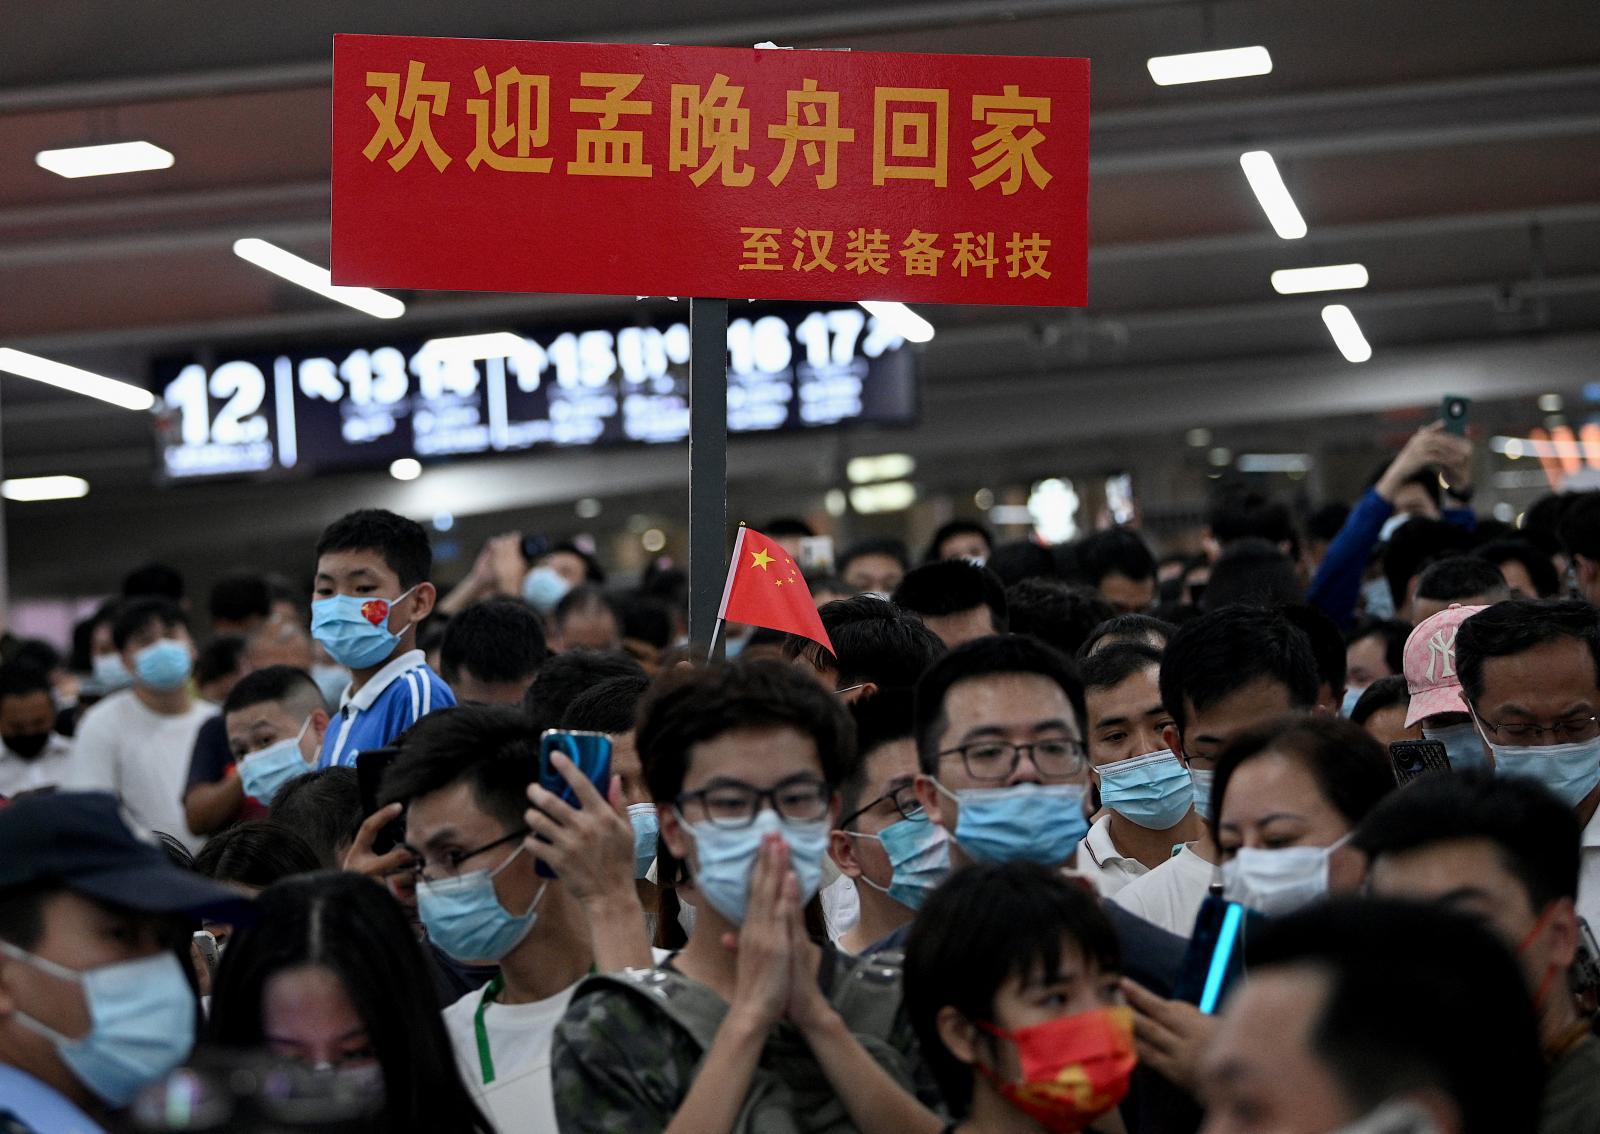 """ชาวจีนแห่ต้อนรับทายาท """"หัวเว่ย"""" กลับประเทศ หลังได้อิสรภาพ"""